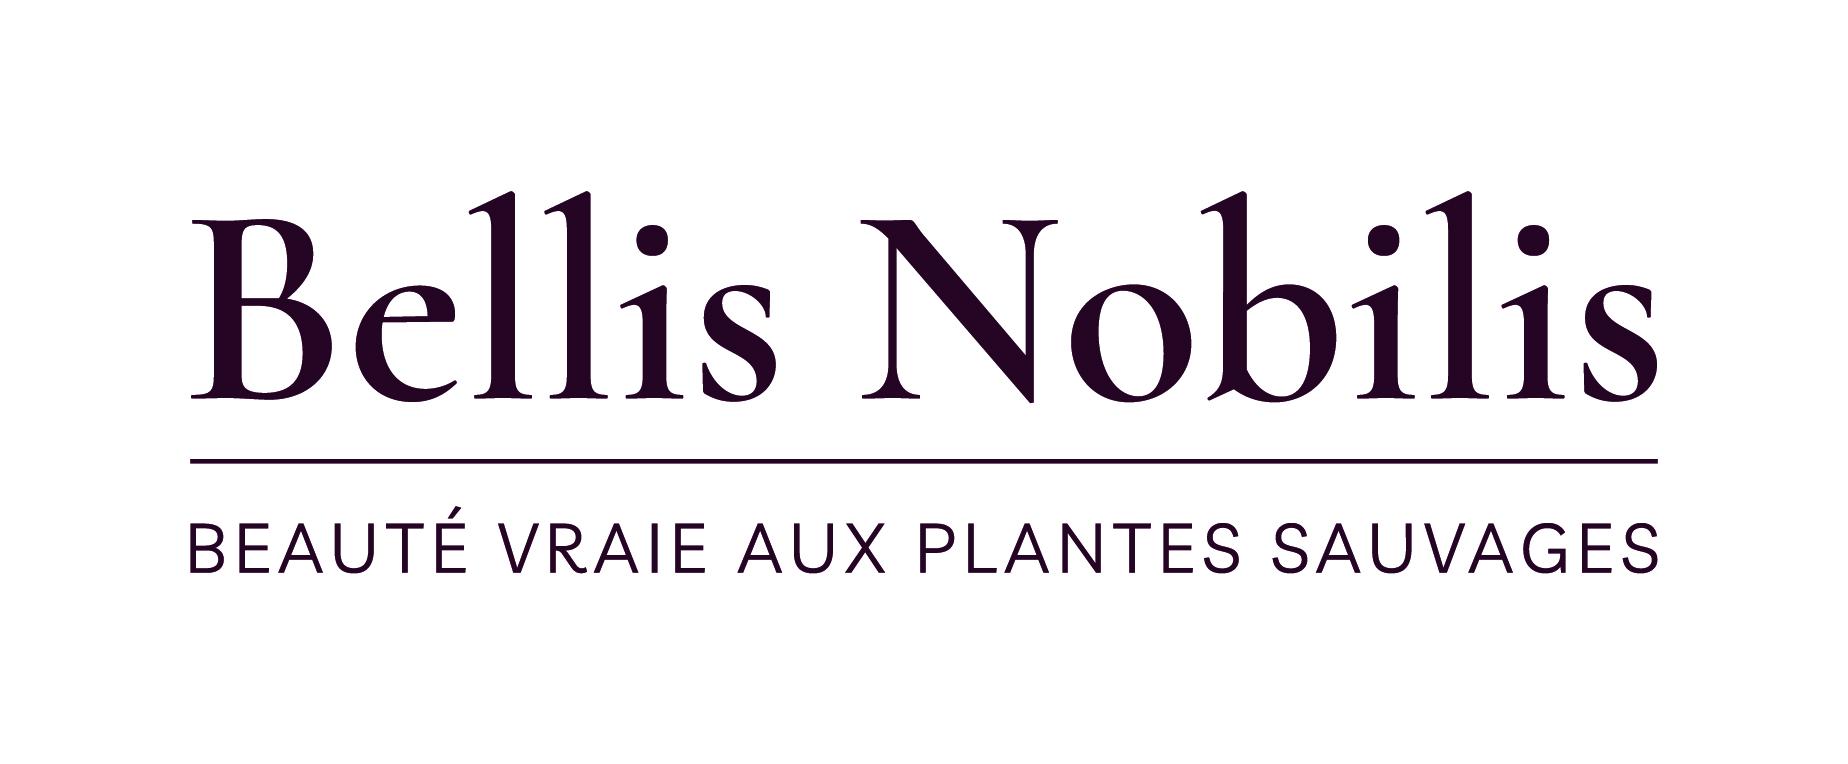 Bellis Nobilis **